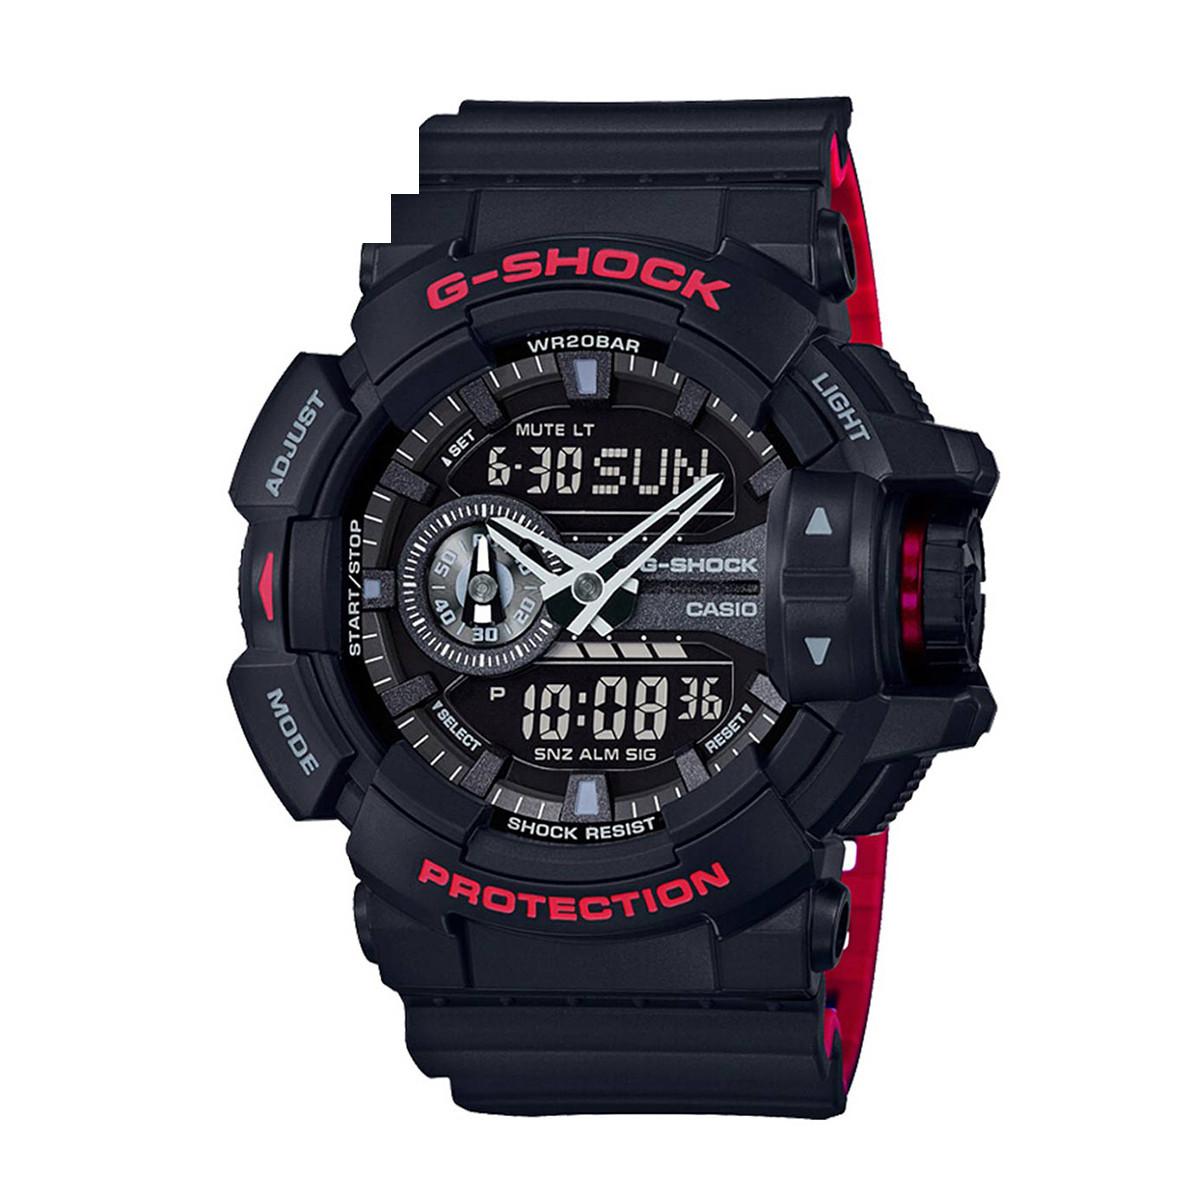 卡西欧【正品授权】卡西欧手表G-SHOCK系列多功能运动男士手表GA-400HR-1APR